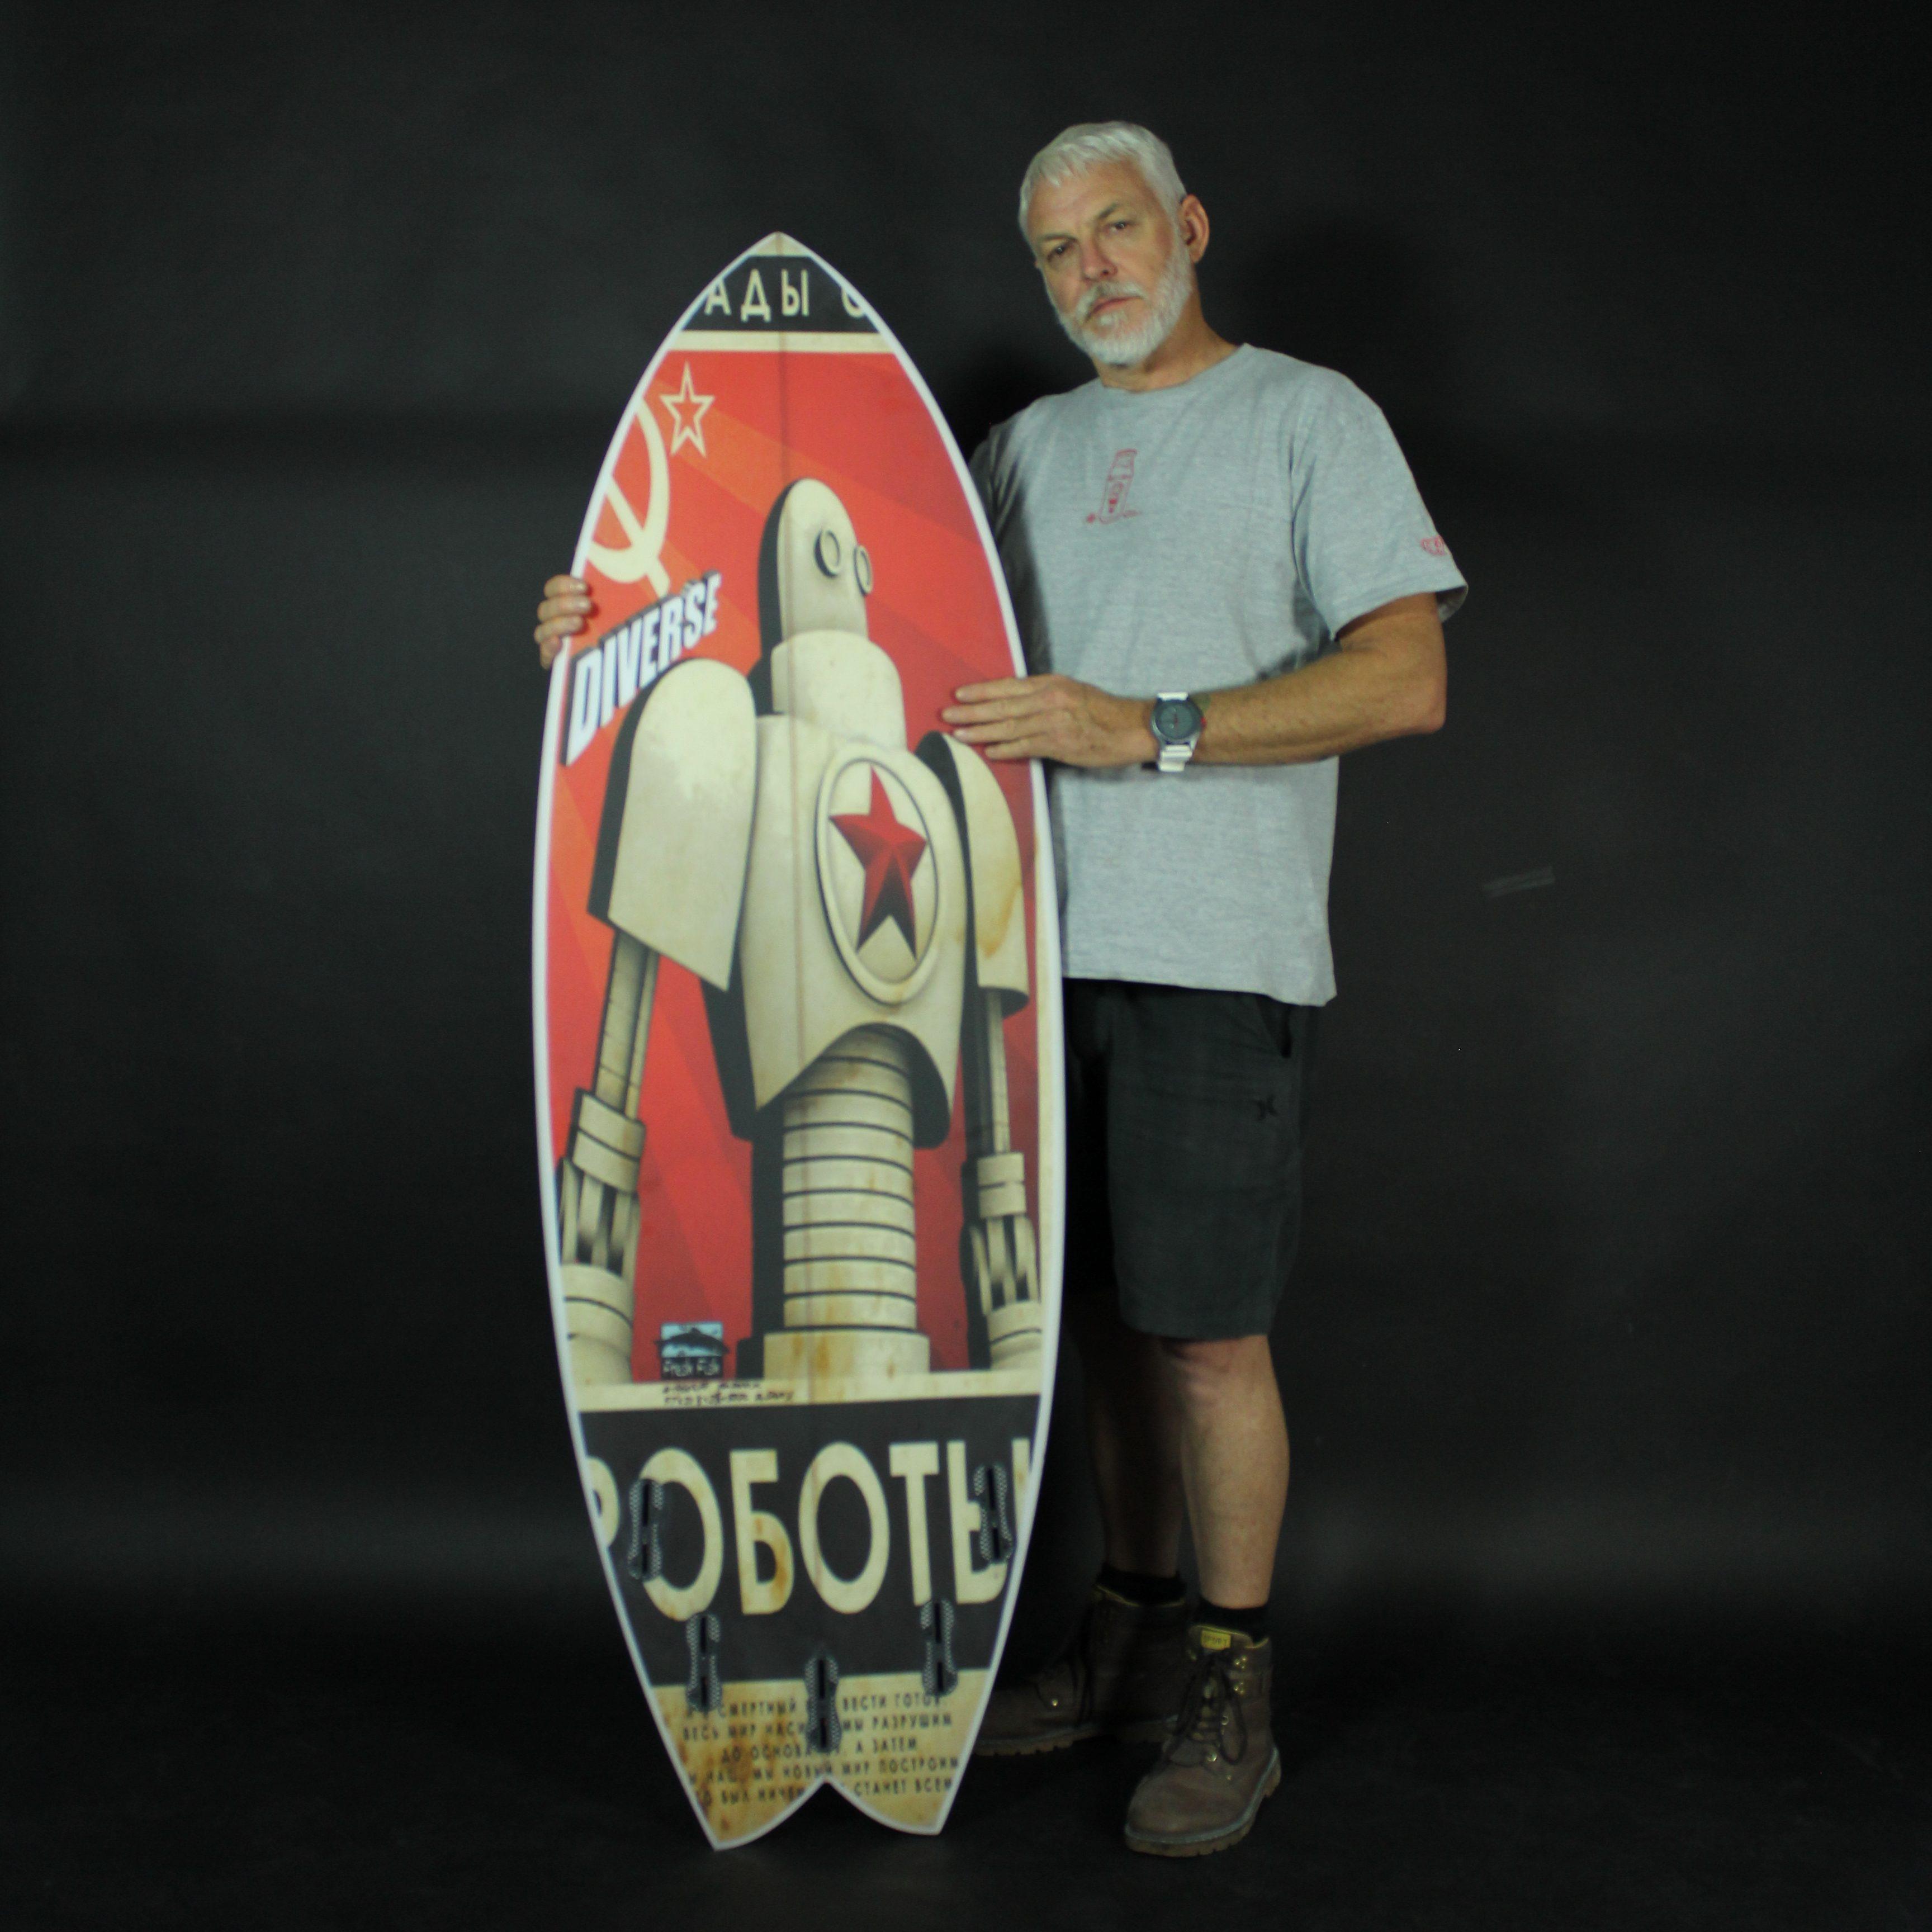 Creative Surfboard art applications